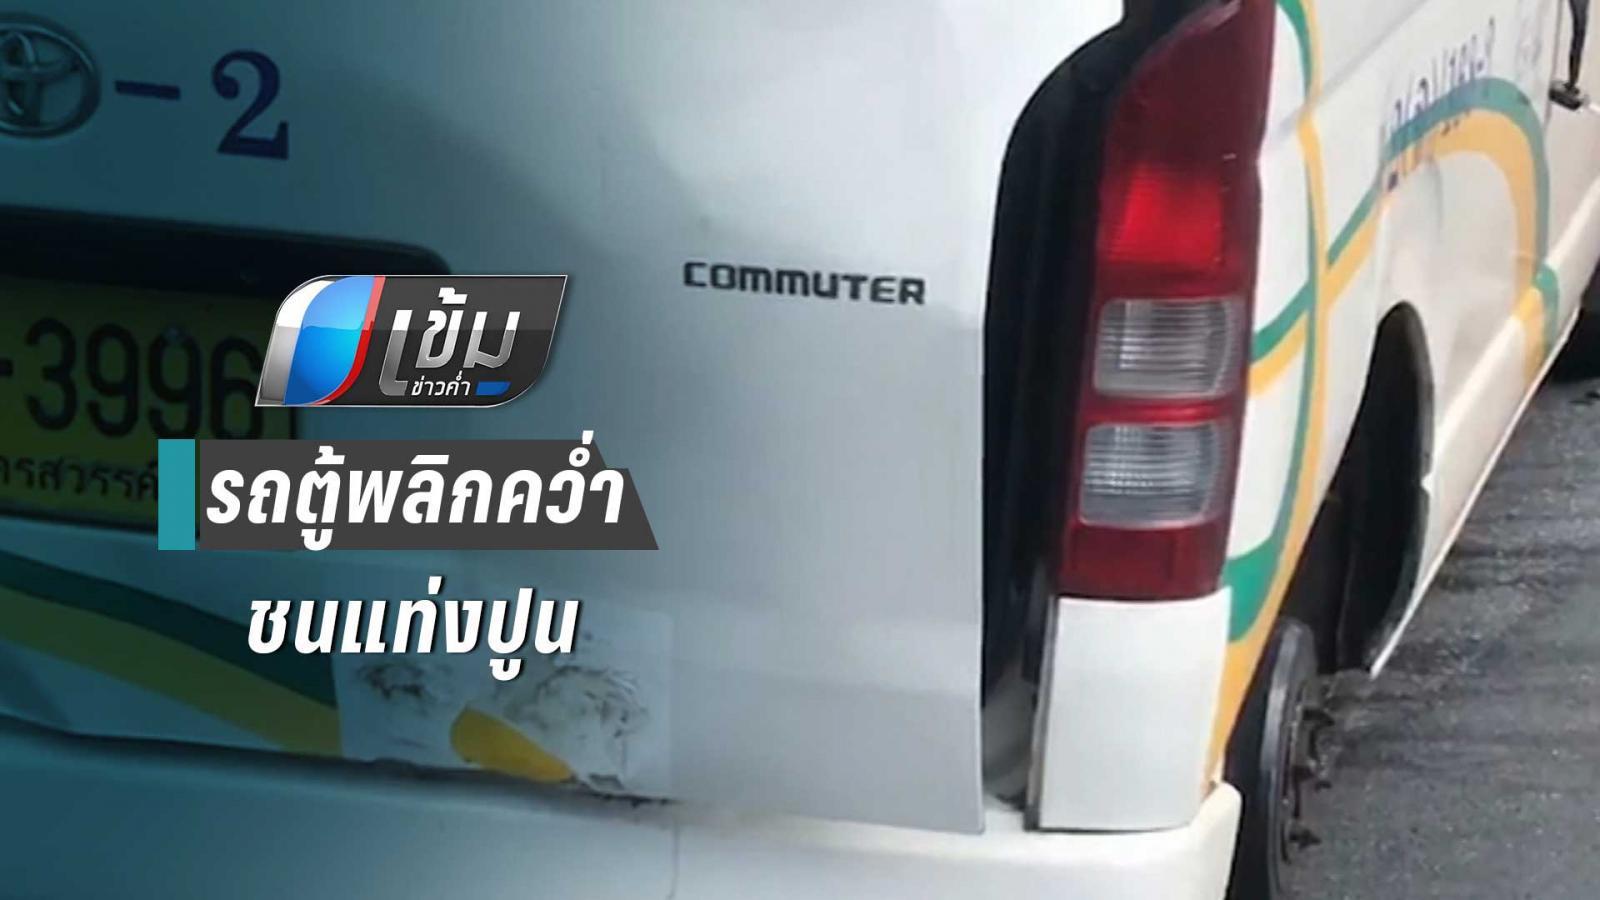 รถตู้โดยสารพลิกคว่ำชนแท่งปูนข้างทาง บาดเจ็บสาหัส 5 คน